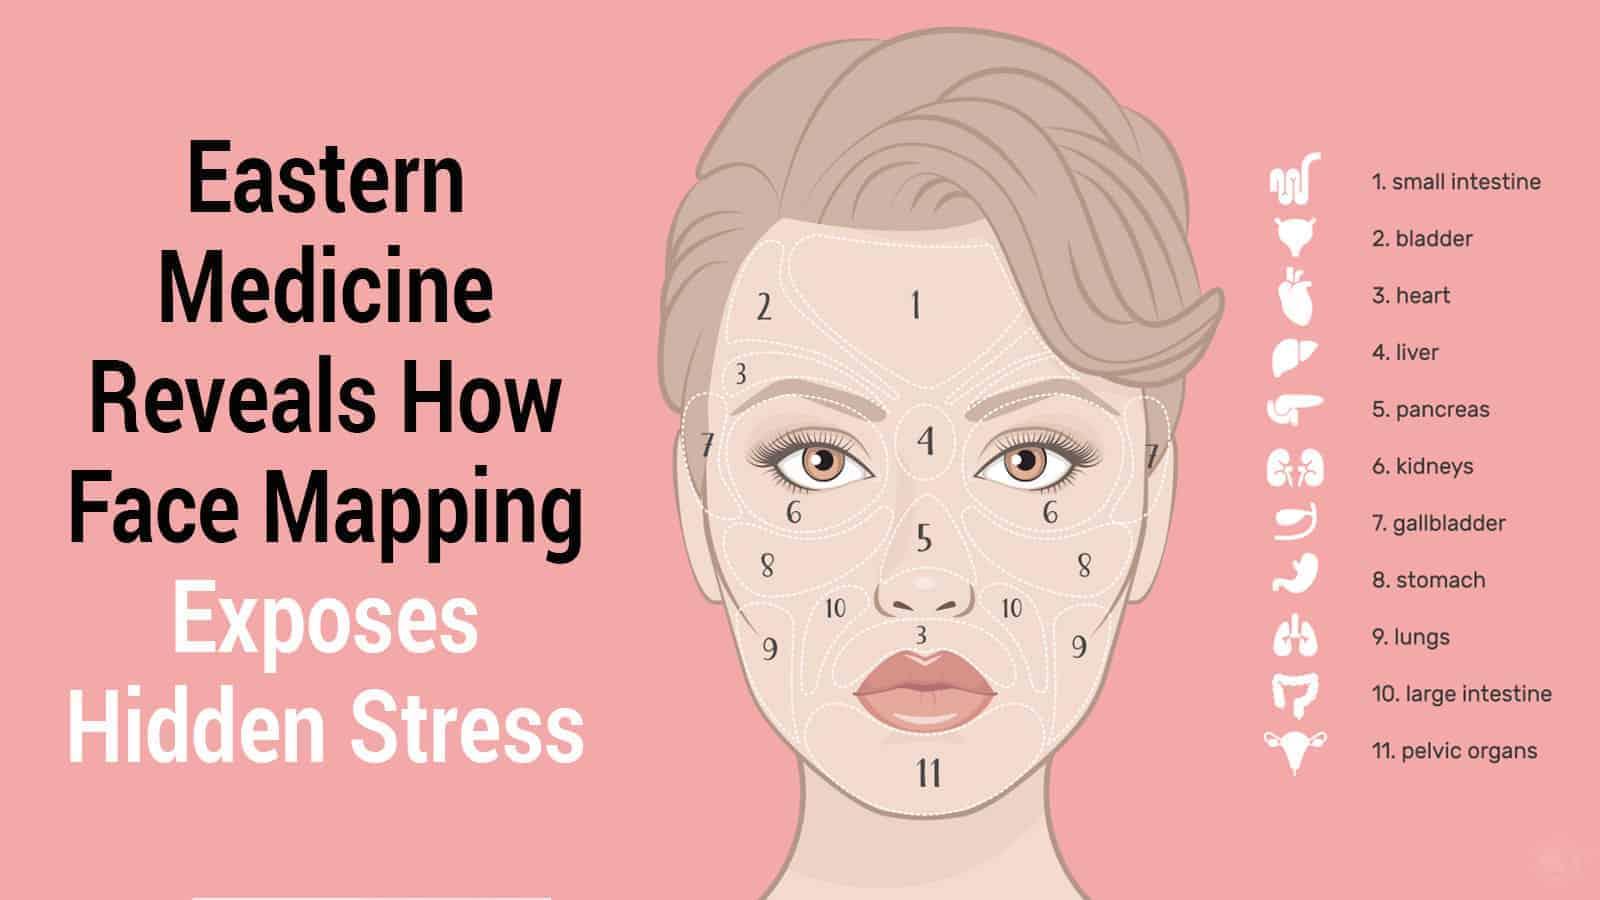 Medicina Oriental revela como o mapeamento de rosto expõe o estresse oculto » 2